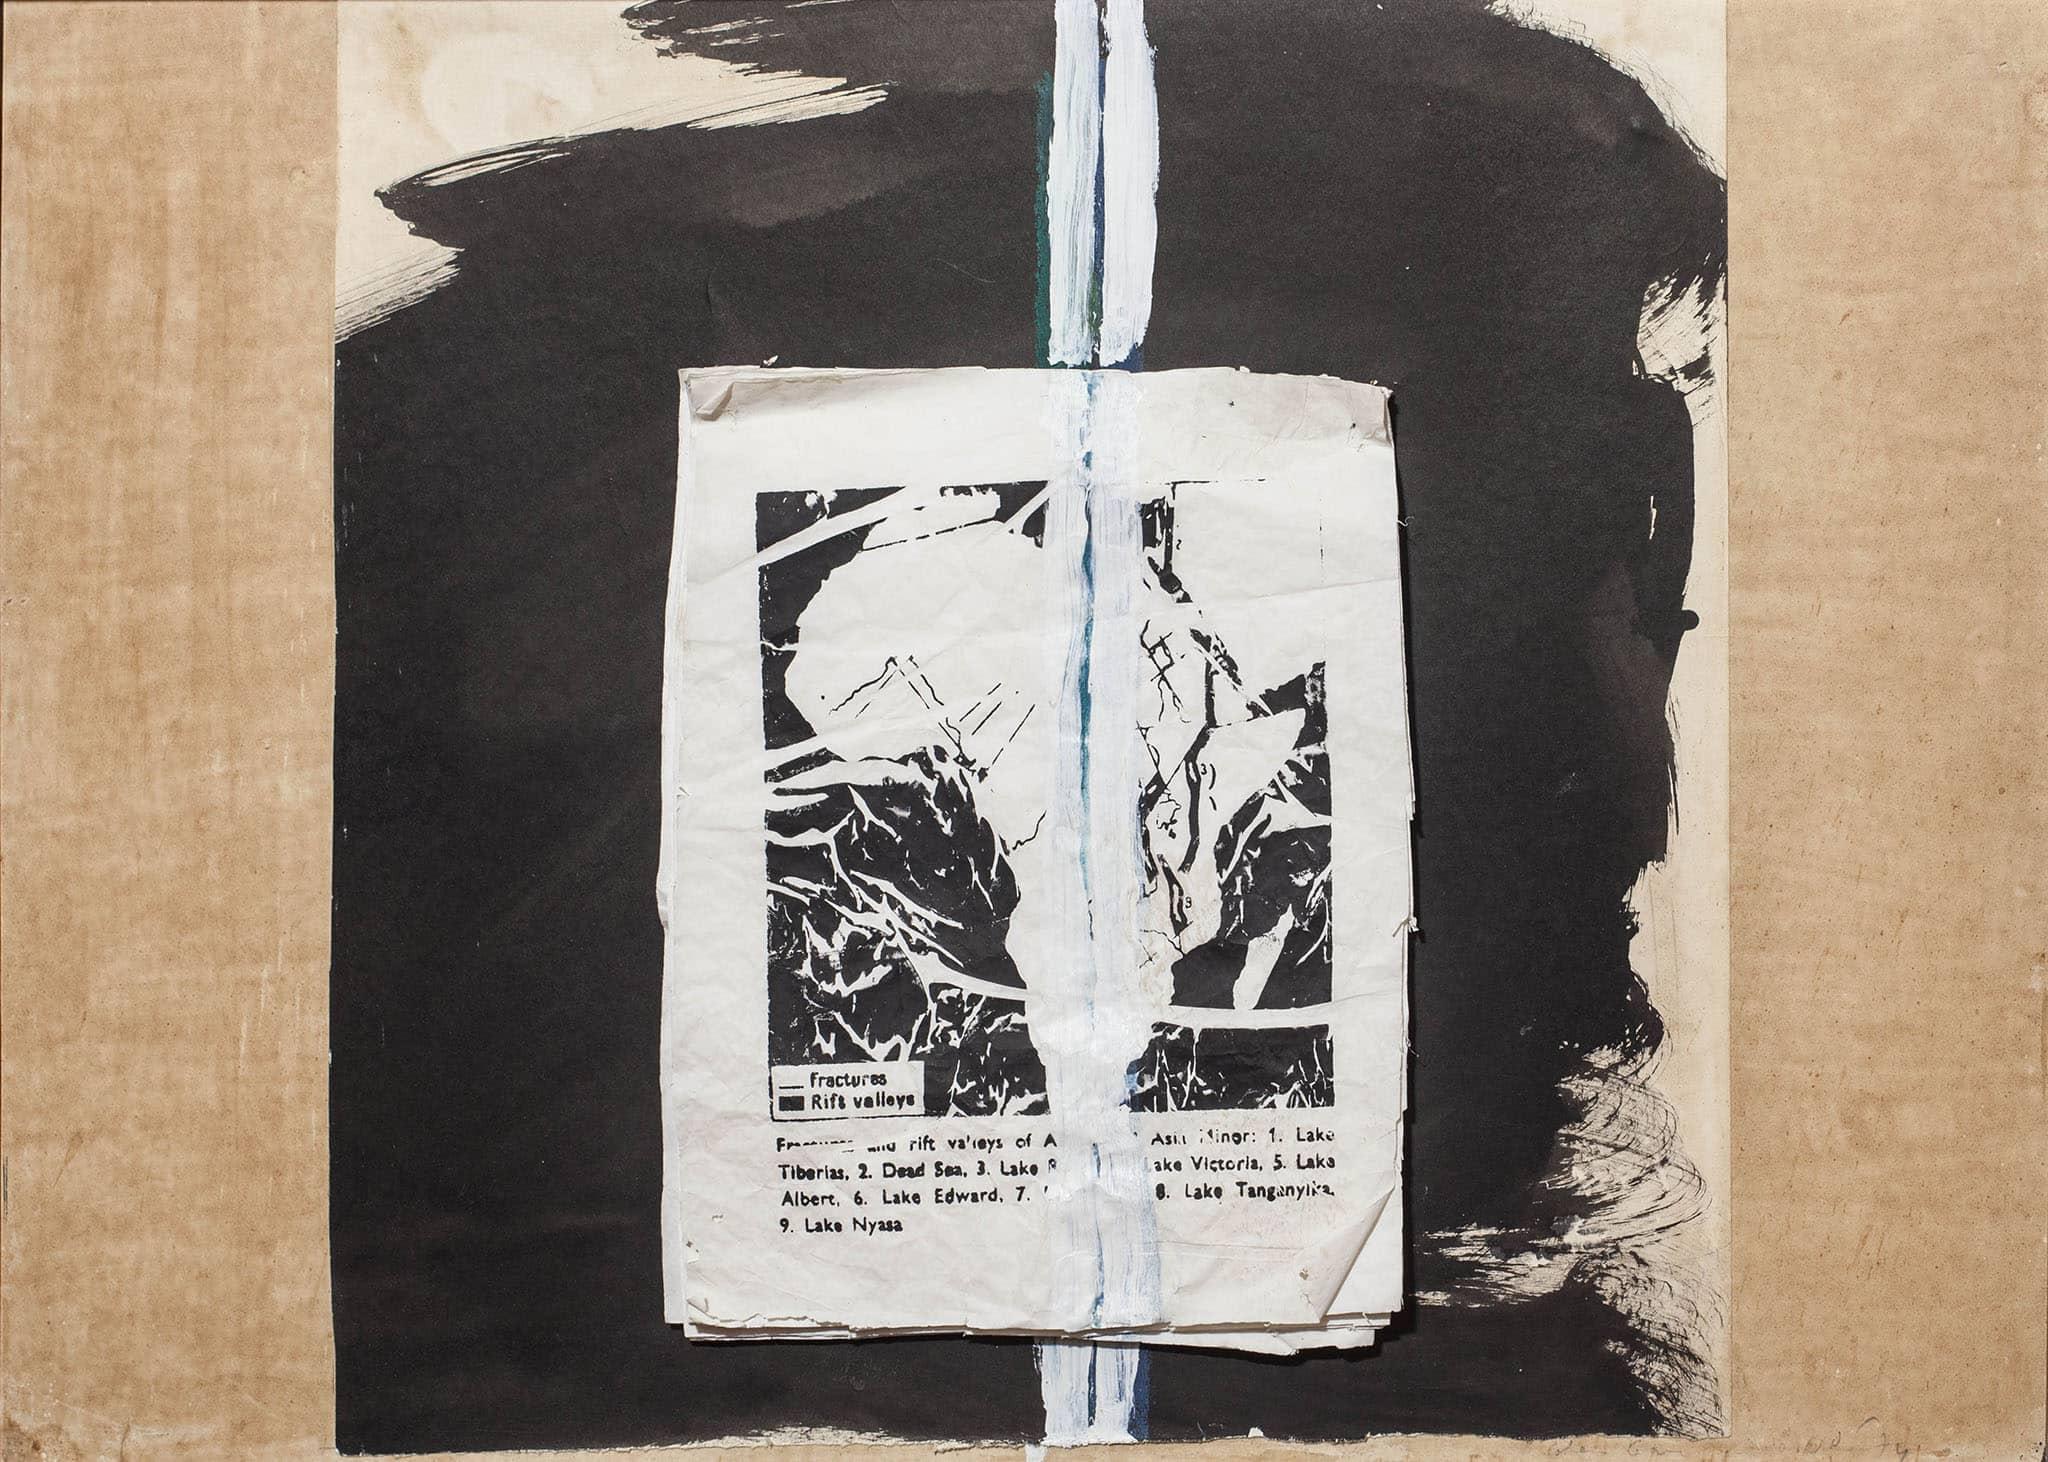 """פנחס כהן גן, 1974, """"כף התקווה הטובה"""", קולאז', אקריליק וטכניקה מעורבת על קרטון, 70x50 ס""""מ"""